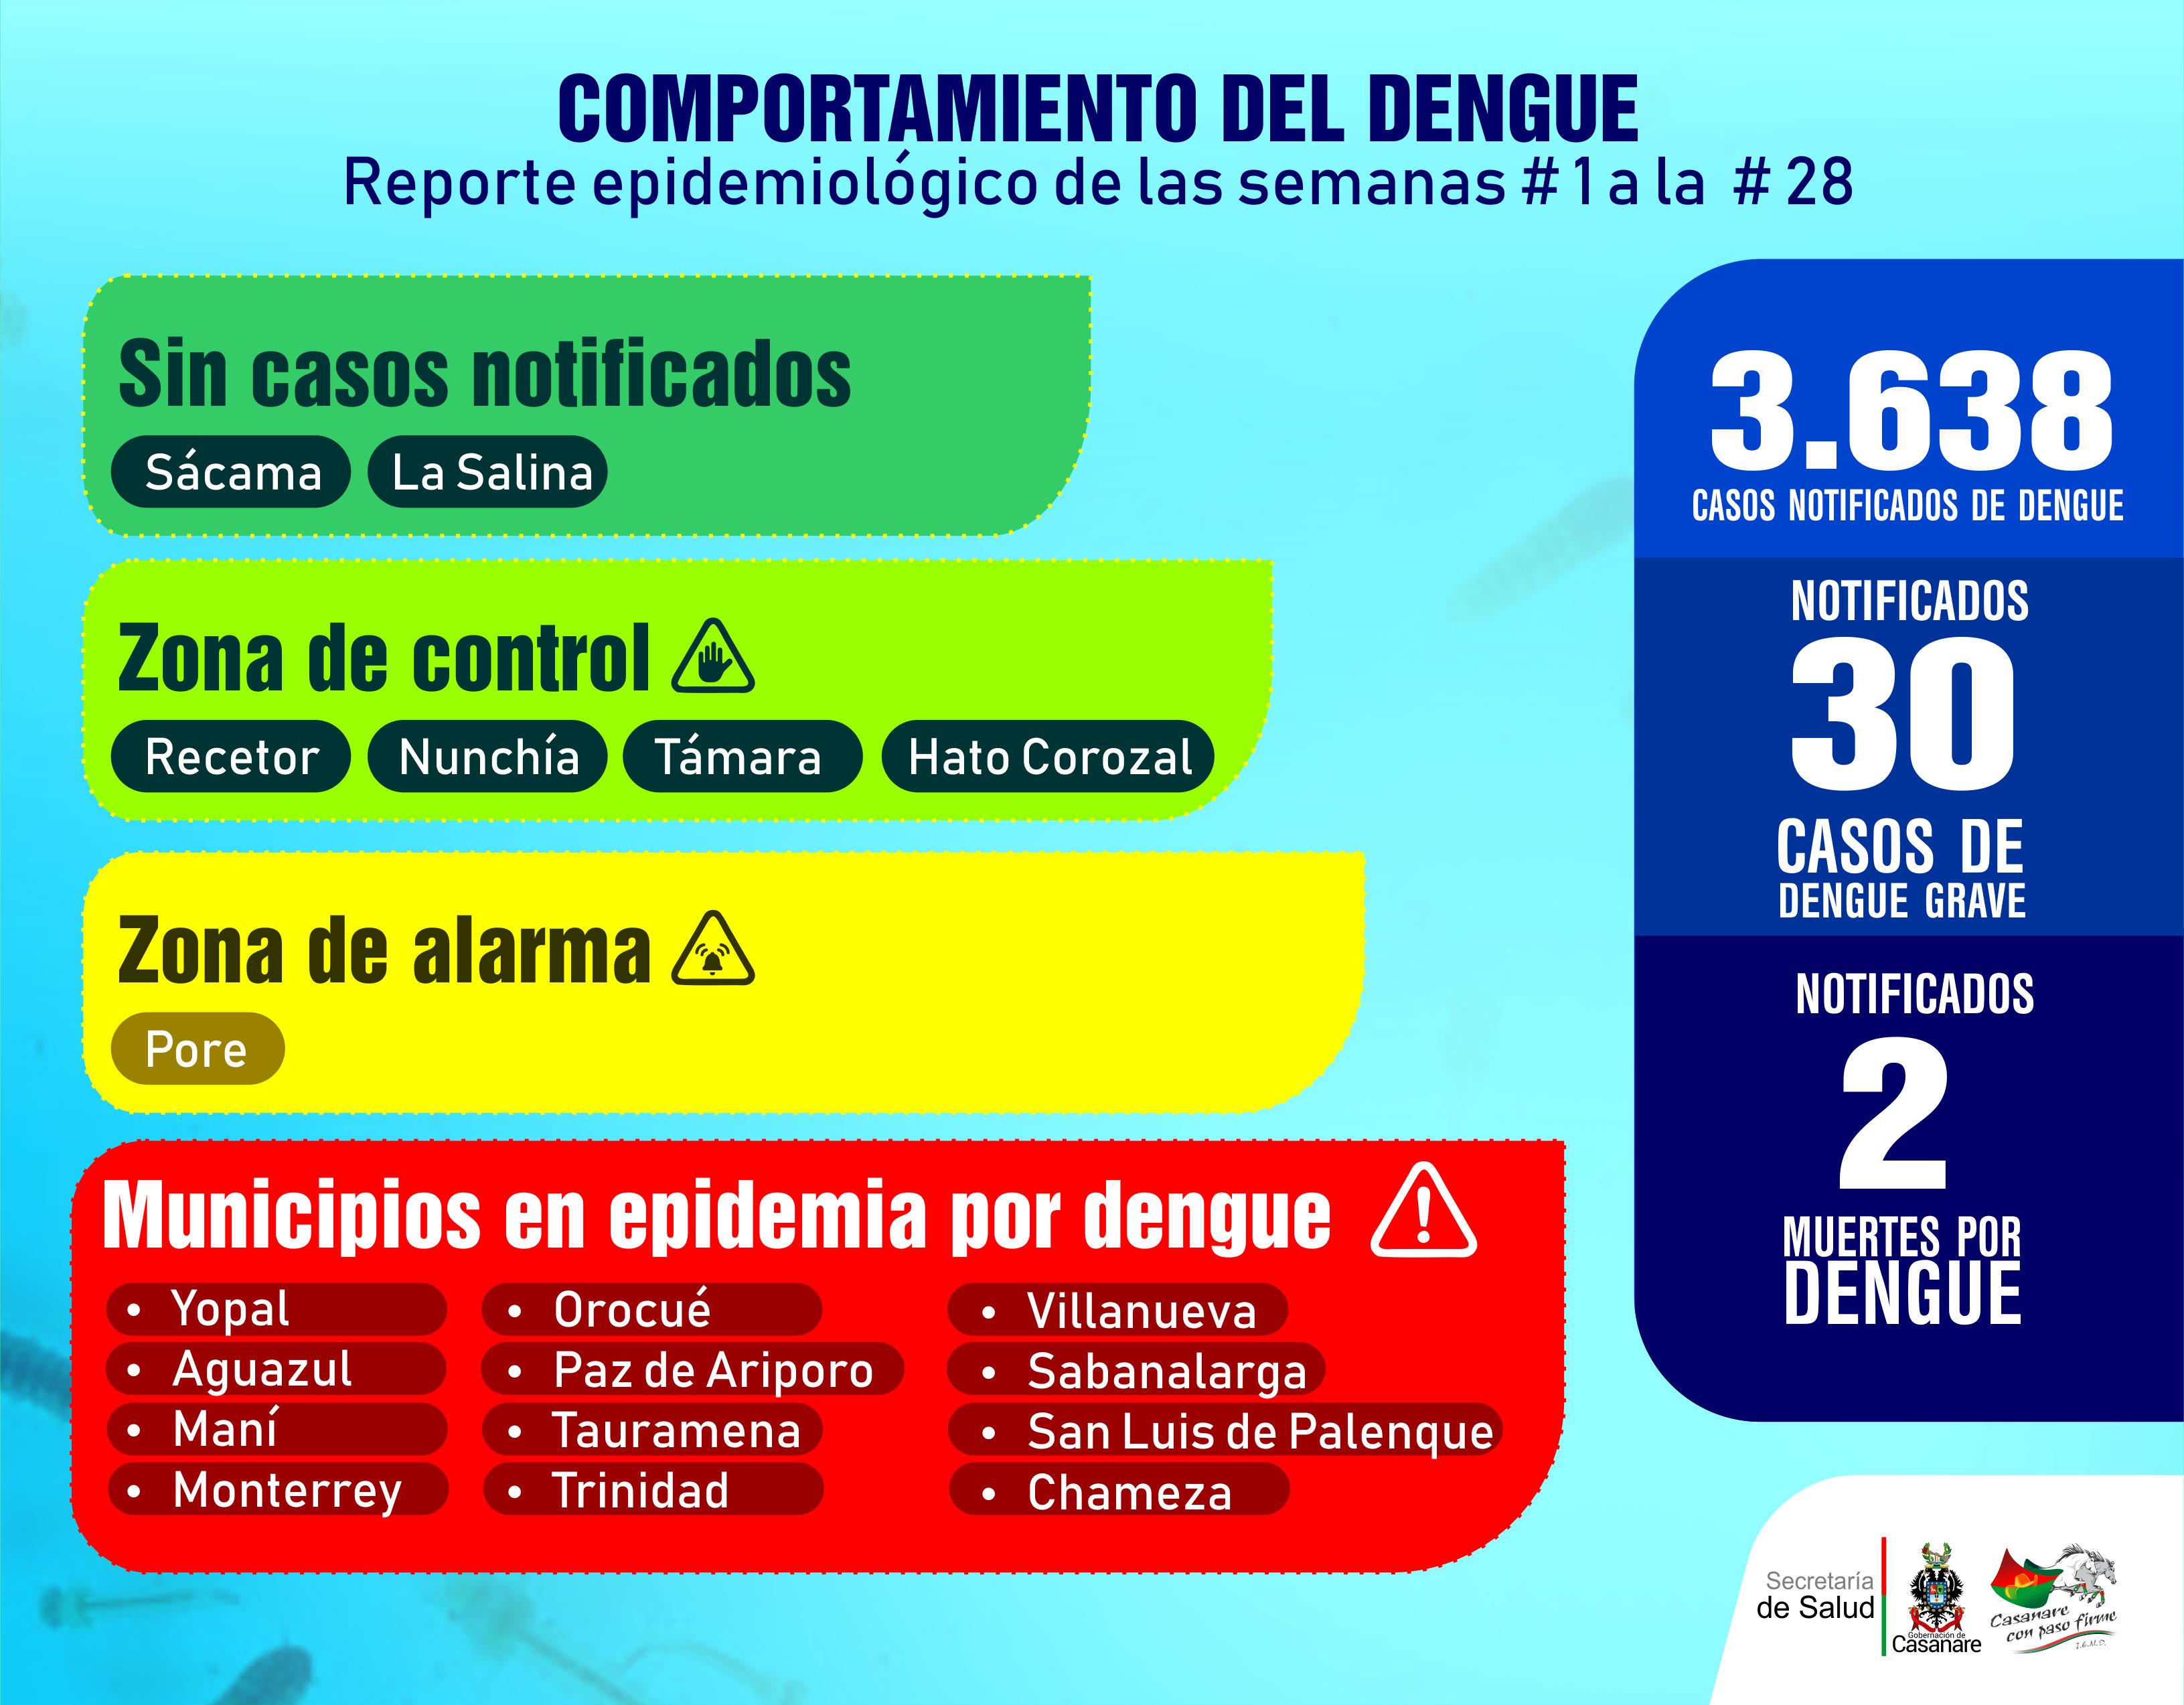 Photo of 3.638 casos de dengue en Casanare a semana epidemiológica No 28